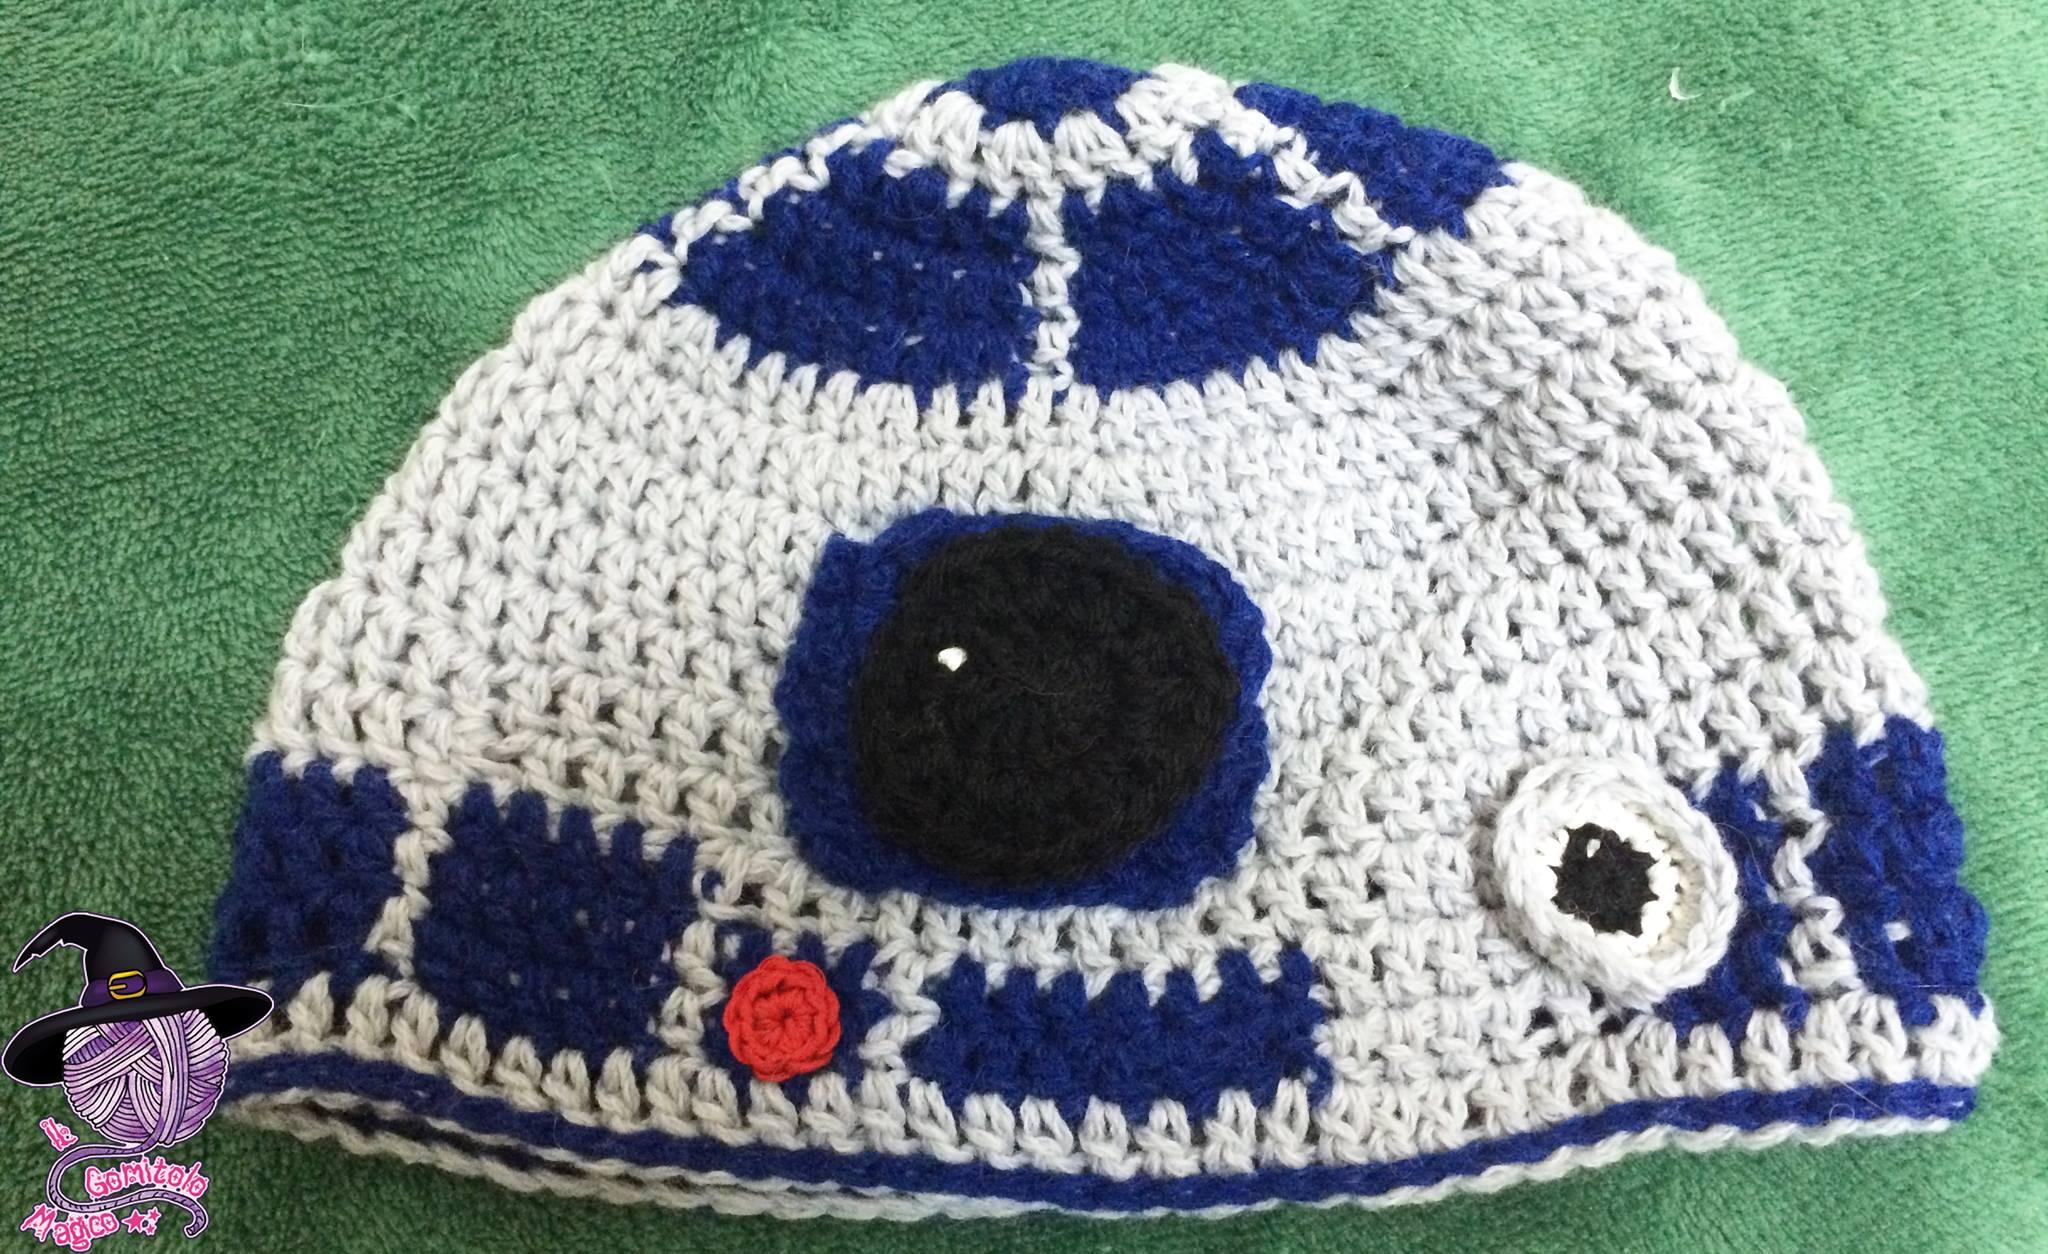 Lo schema di base per fare il cappello lo troverete nel mio precedente  articolo 98ca6951fccb